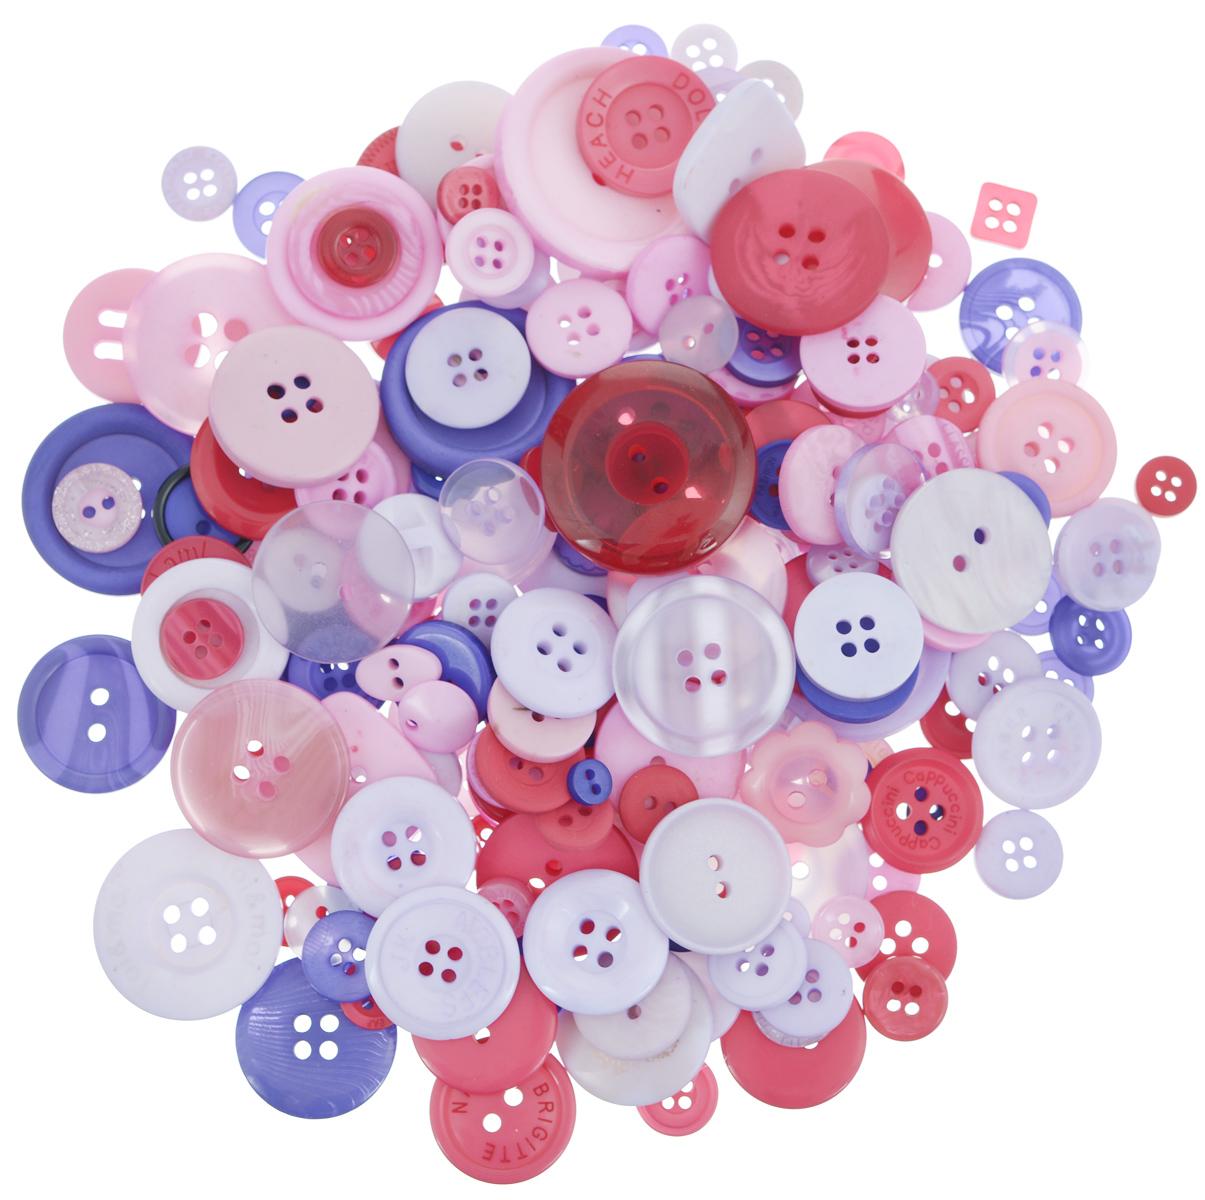 Пуговицы ассорти Палитра цвета (LK), 115г/упак (LK126, Сказочный)7708881_СказочныйНабор пуговиц для творчества и декорирования одежды Buttons Galore & More Сказочные изготовлен из высококачественного пластика. В набор входят пуговицы различных размеров, форм и с разным количеством отверстий. Такие пуговицы подходят для любых видов творчества: скрапбукинга, декорирования, шитья, изготовления кукол, а также для оформления одежды. С их помощью вы сможете украсить открытку, фотографию, альбом, подарок и другие предметы ручной работы. Пуговицы имеют оригинальный и яркий дизайн. Диаметр пуговиц: 1-3 см.